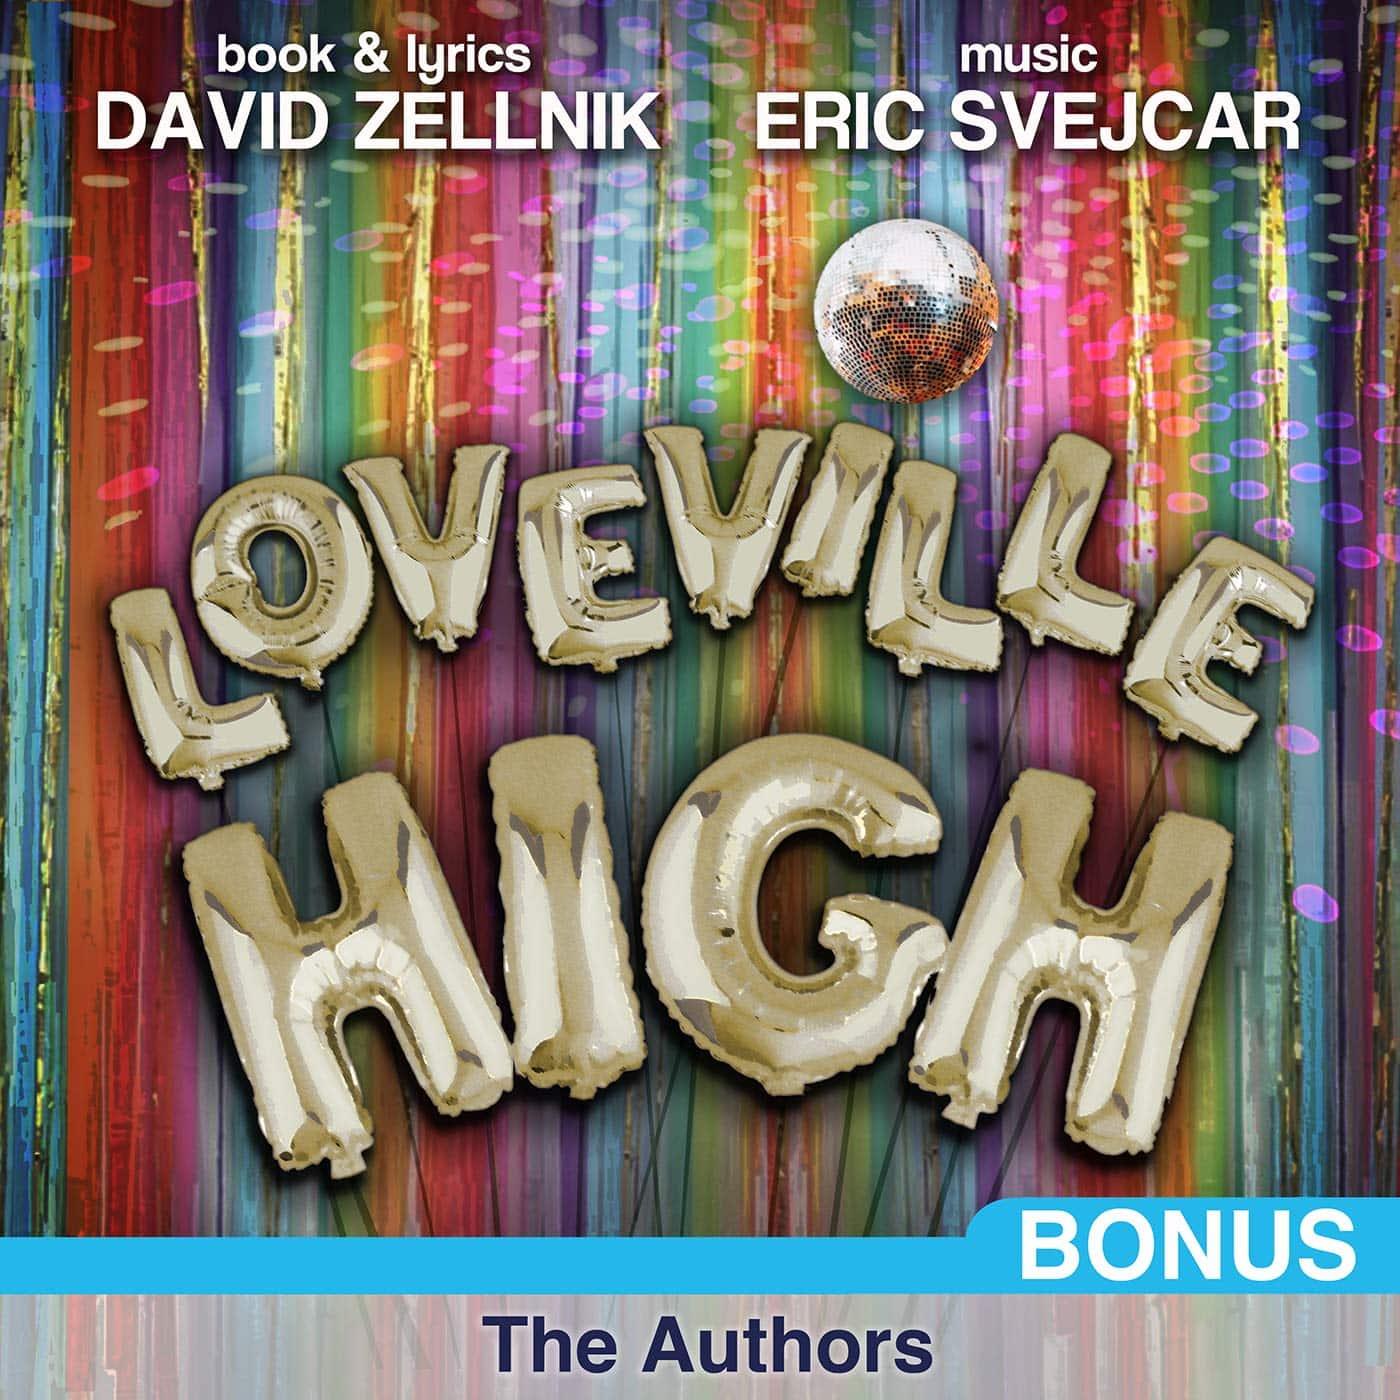 Bonus: The Authors